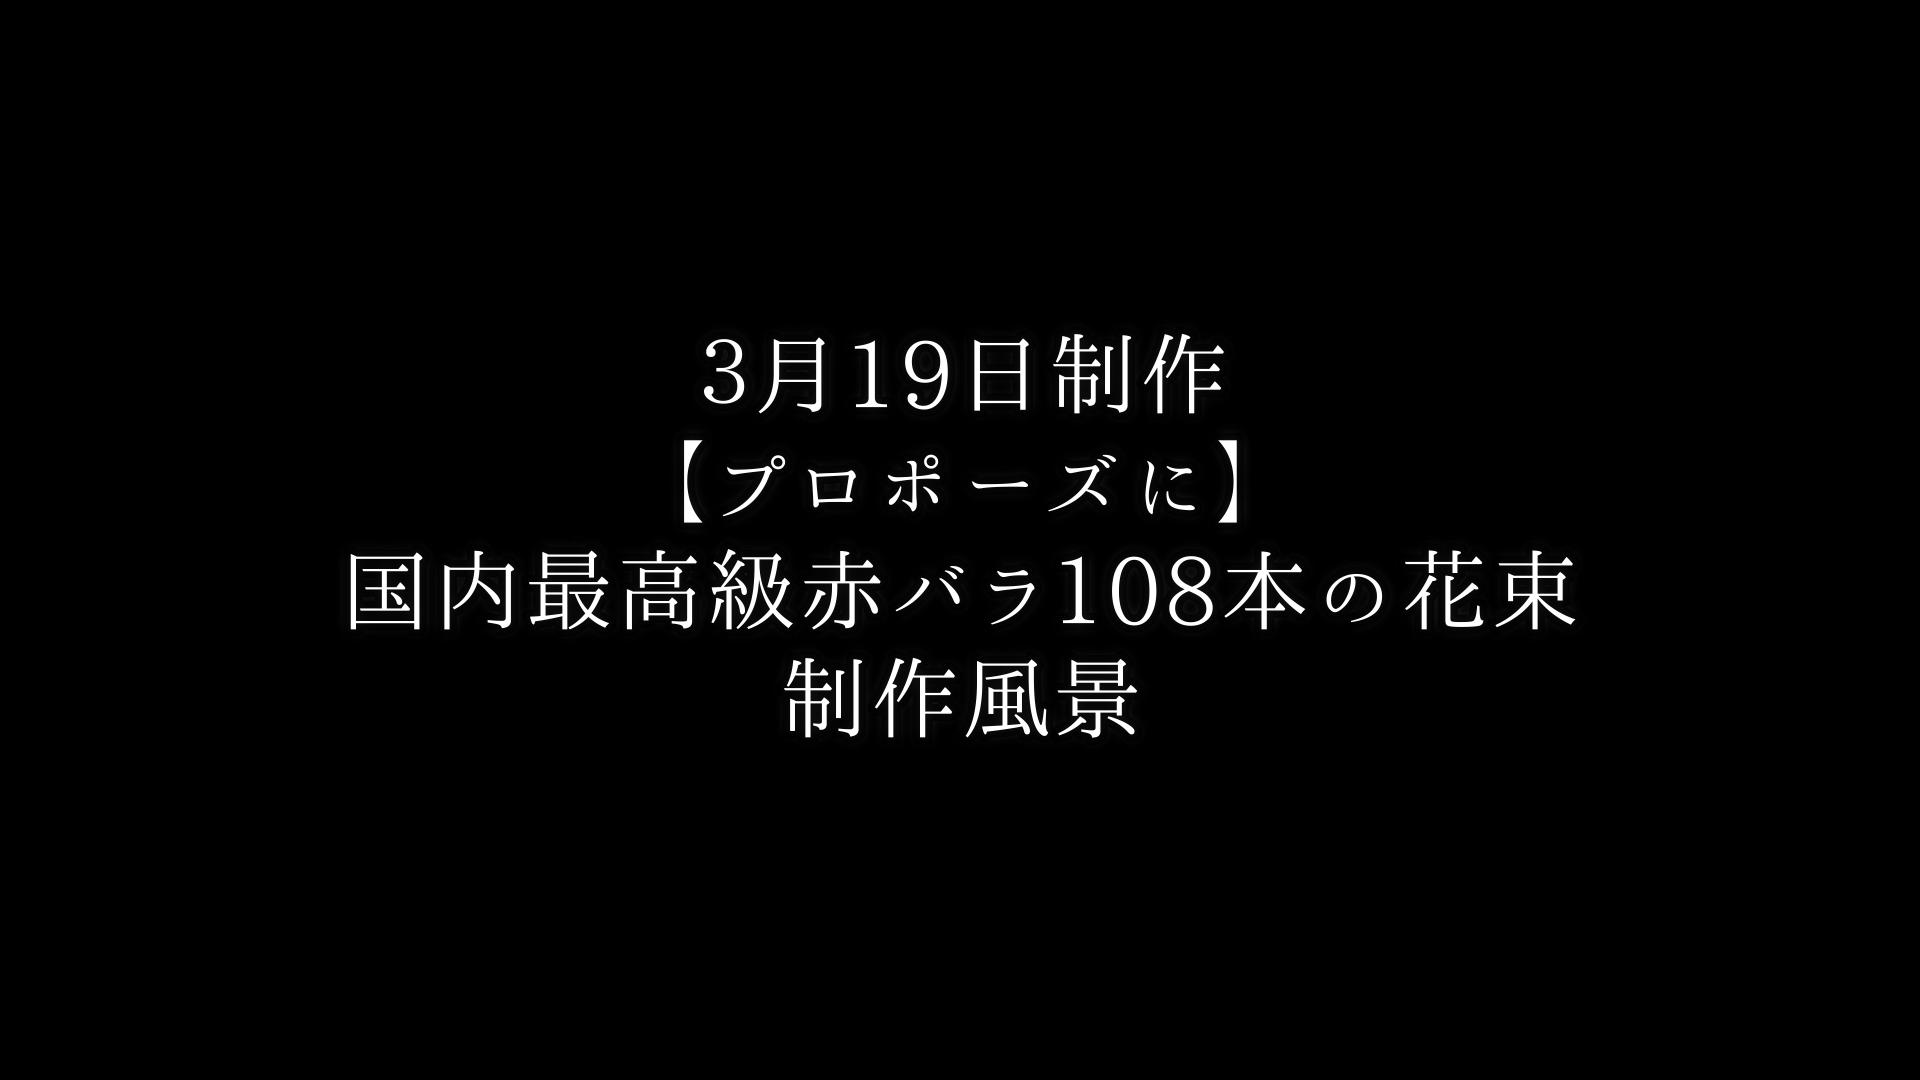 【プロポーズに】バラ108本の花束制作動画 2021/03/19撮影